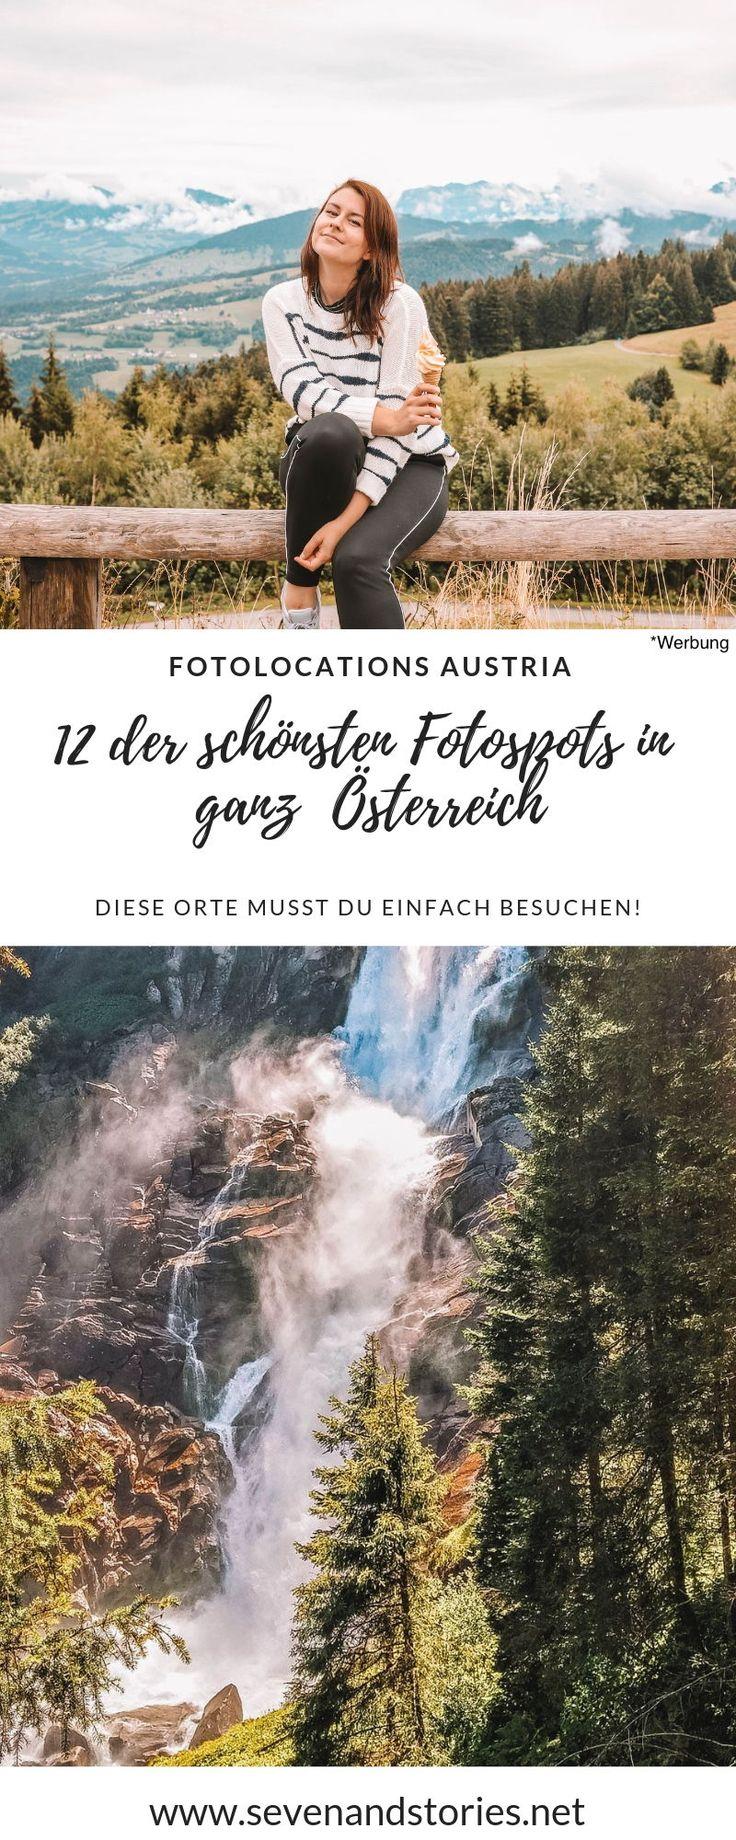 20 der schönsten Orte und Fotospots in Österreich – Fotowettbewerb ...